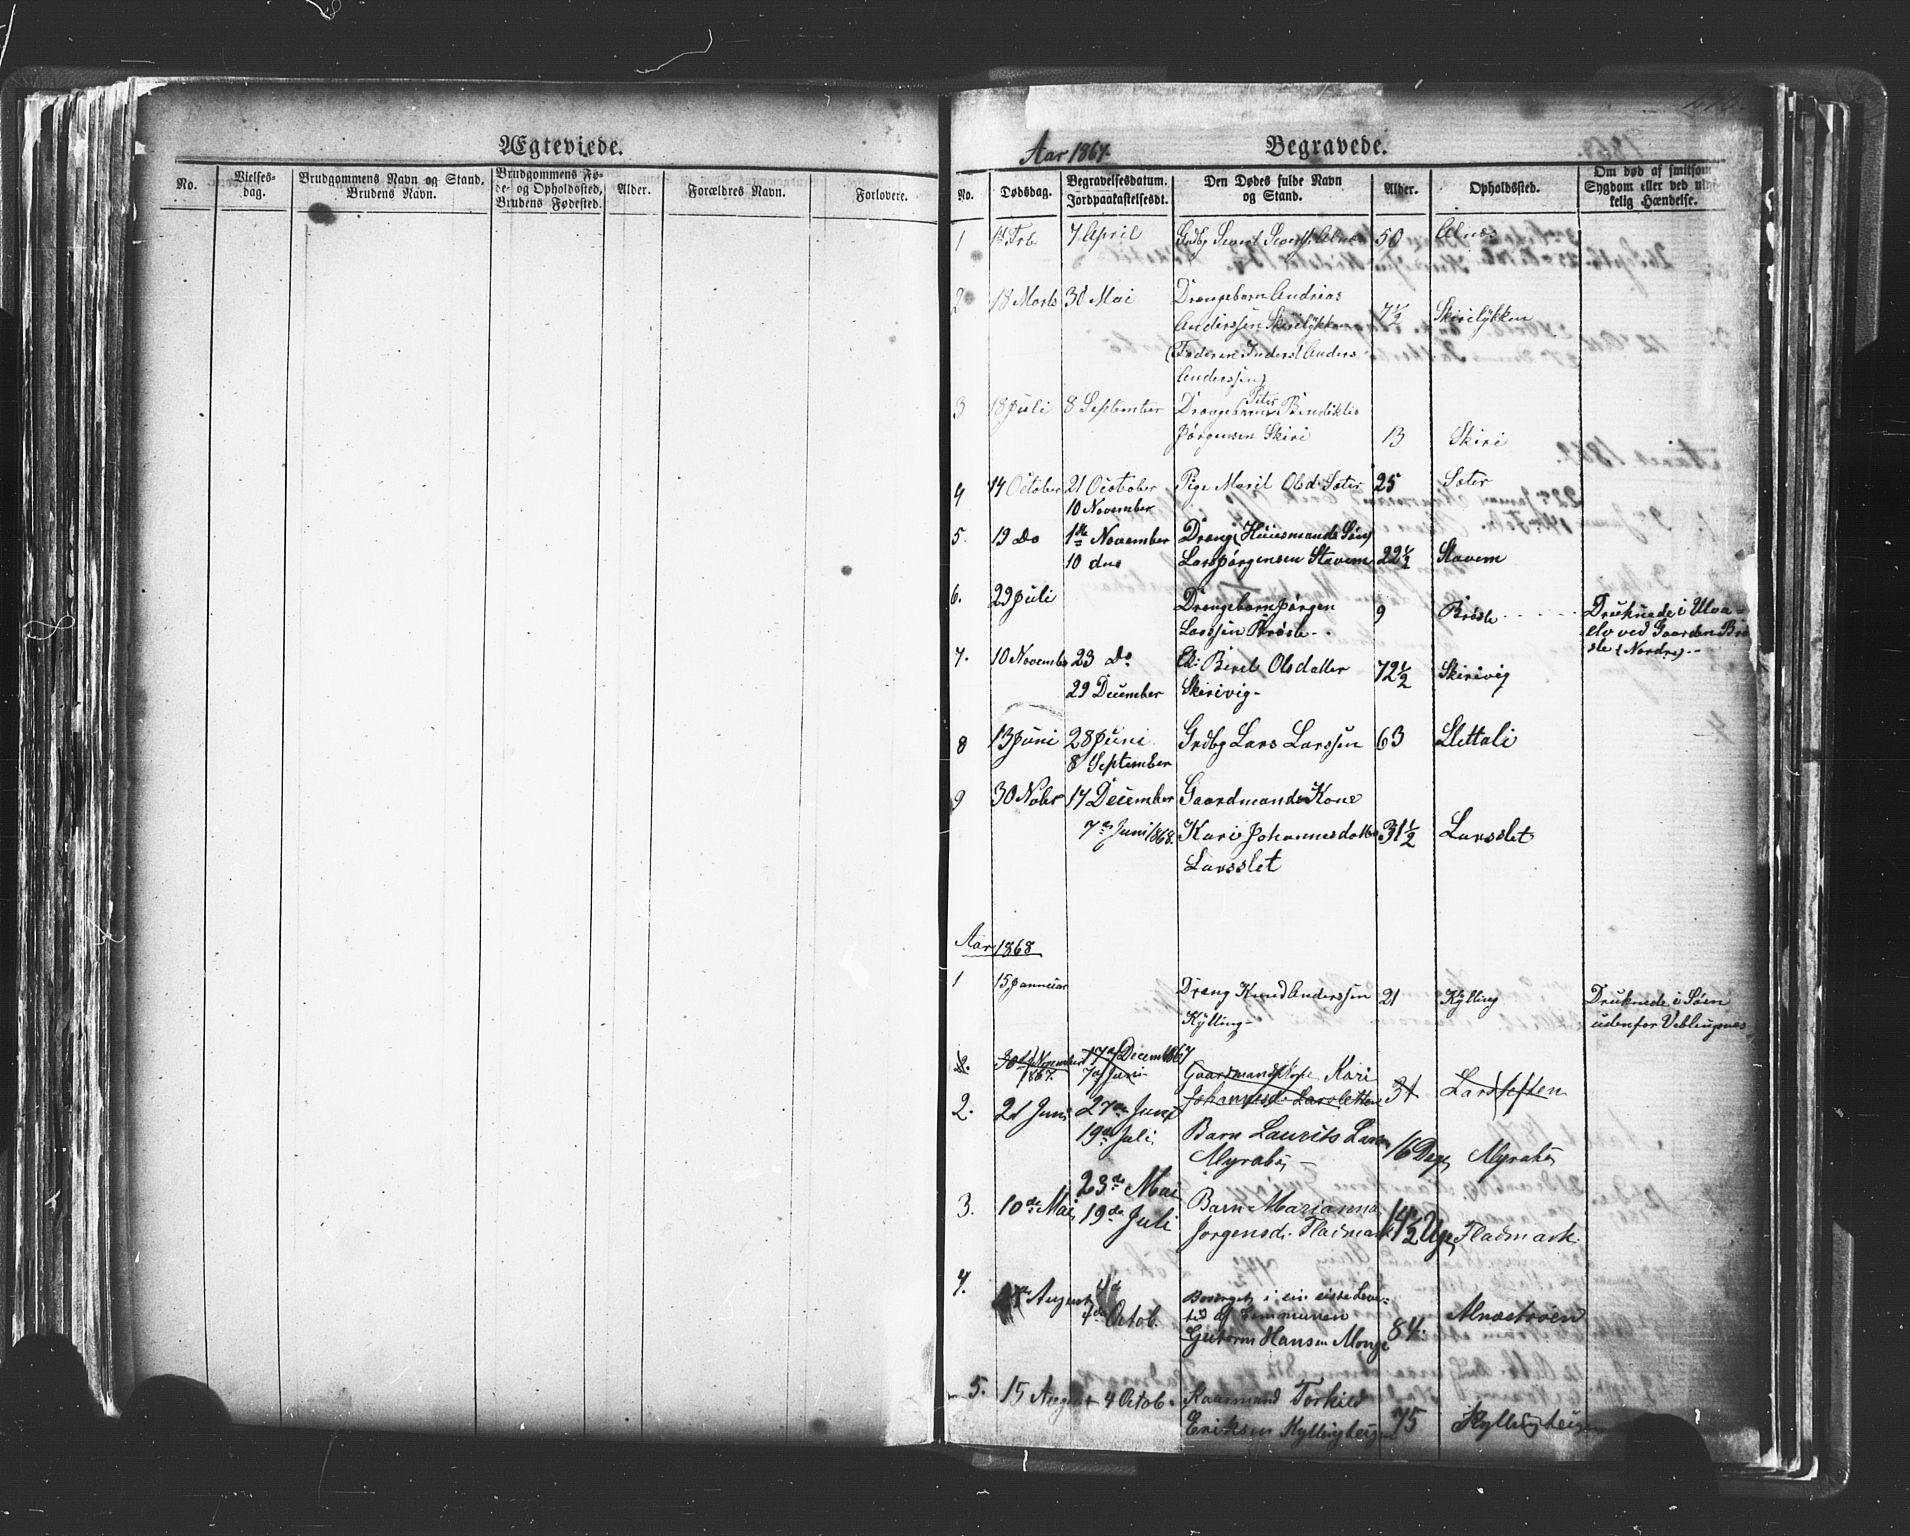 SAT, Ministerialprotokoller, klokkerbøker og fødselsregistre - Møre og Romsdal, 546/L0596: Klokkerbok nr. 546C02, 1867-1921, s. 238